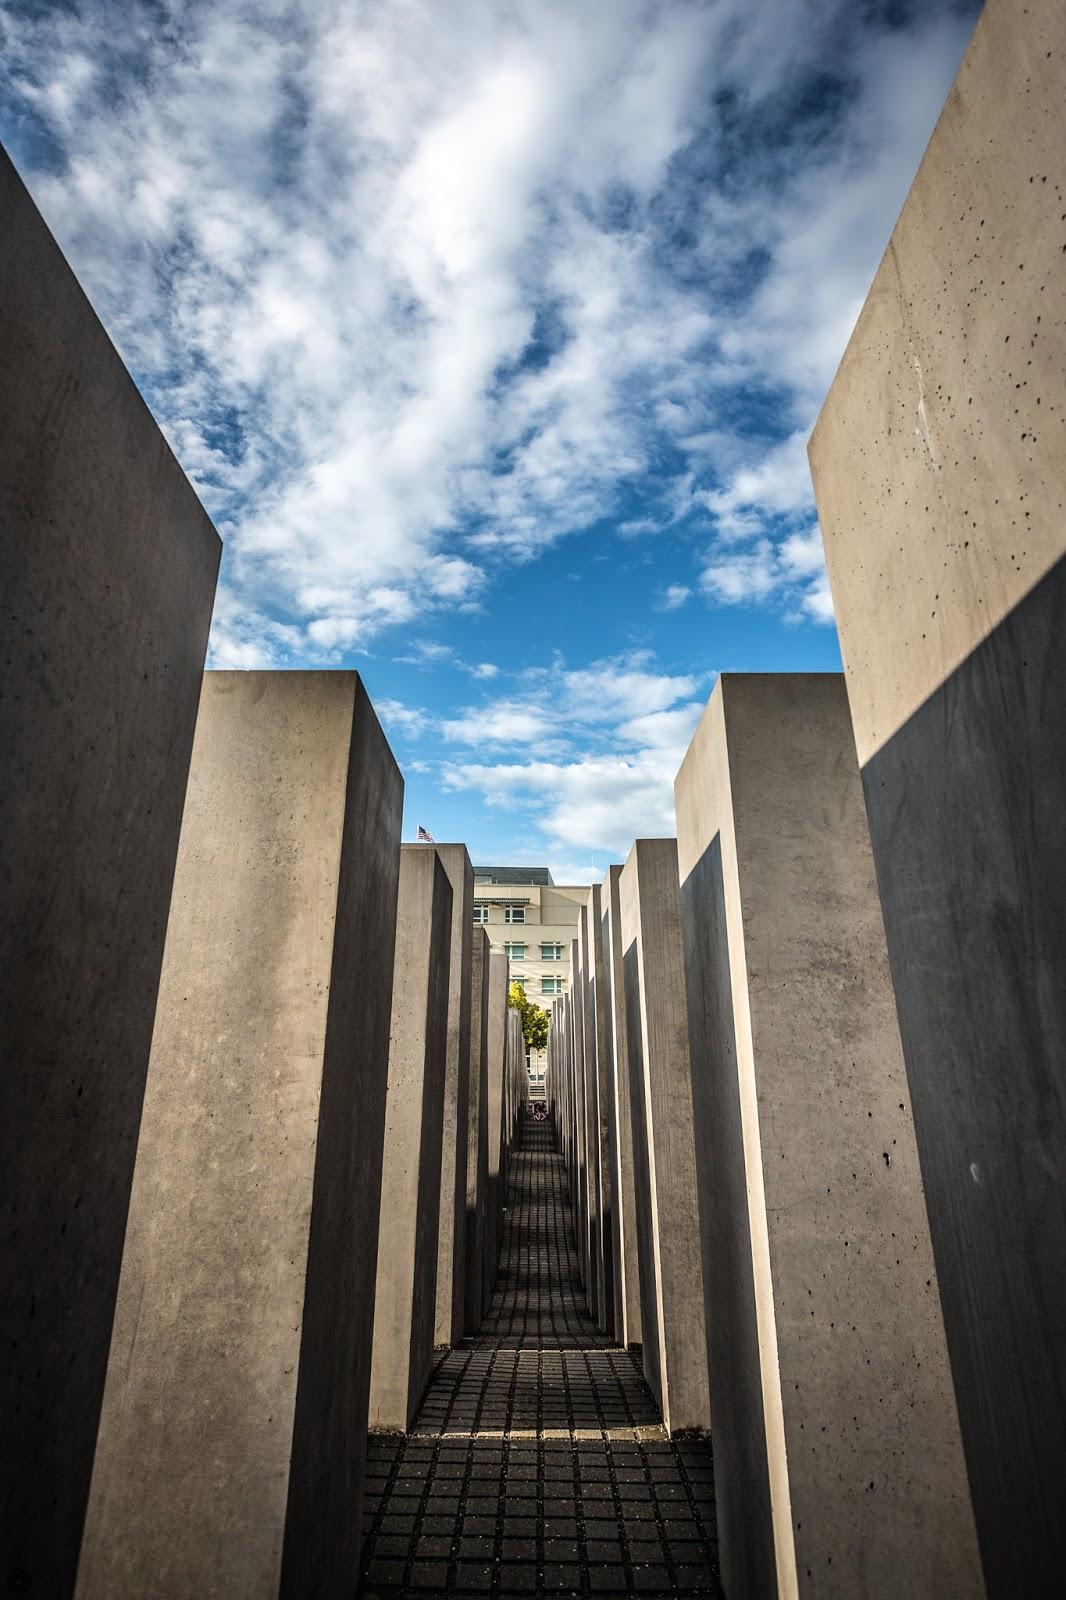 Monumento en memoria del holocausto judío en Berlín :: Canon EOS5D MkIII | ISO100 | Canon17-40 @40mm | f/6.3 | 1/500s